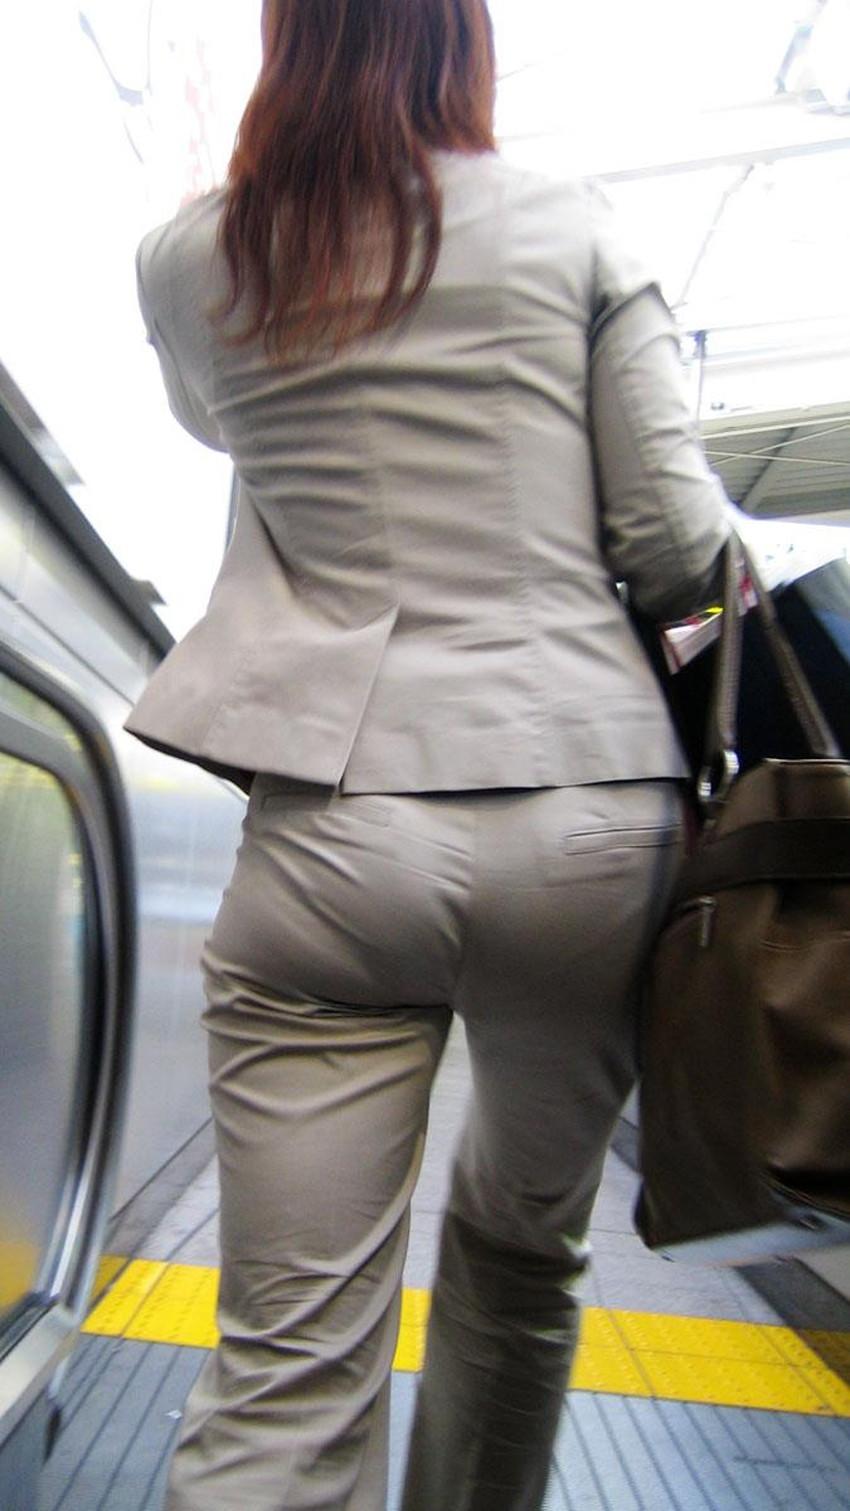 【パンツスーツエロ画像】キャリアウーマン風のパンツスーツOLのパンティーラインを盗撮したり着衣セックスで調教しちゃったパンツスーツのエロ画像集!ww【80枚】 47